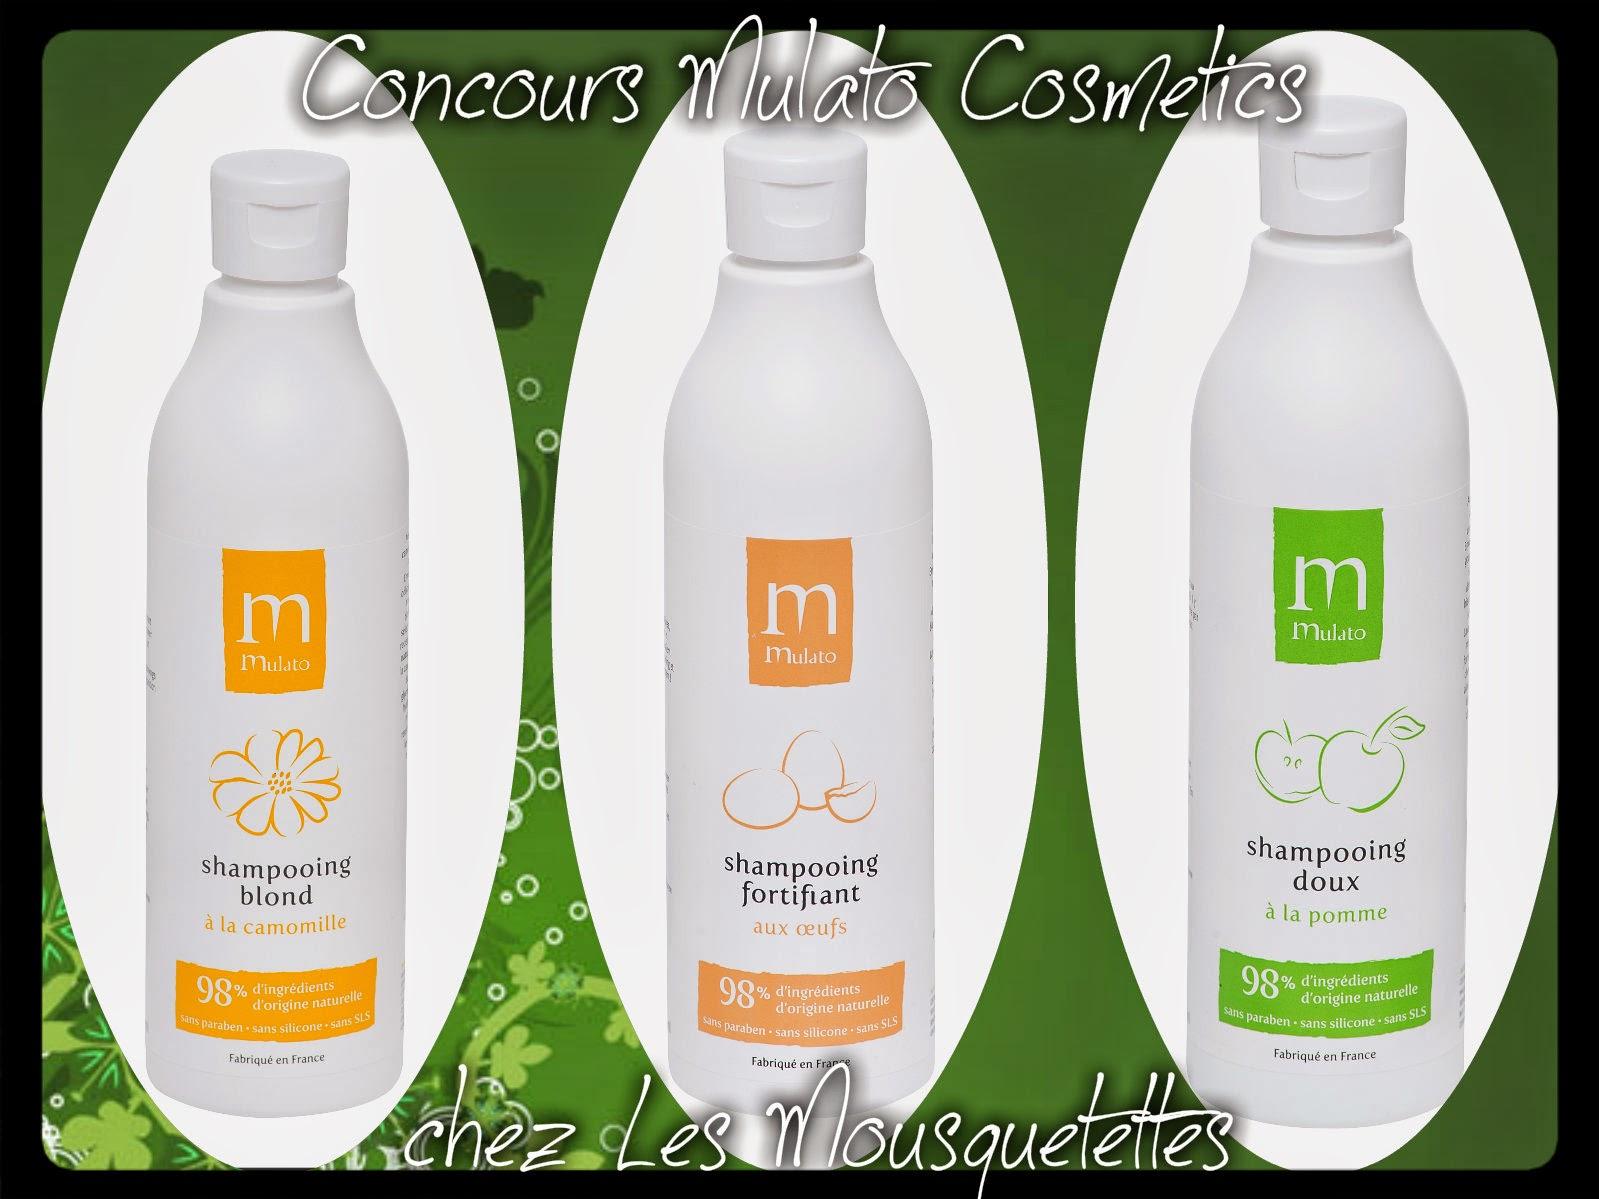 Concours Mulato Cosmetics - Les Mousquetettes© Résultat